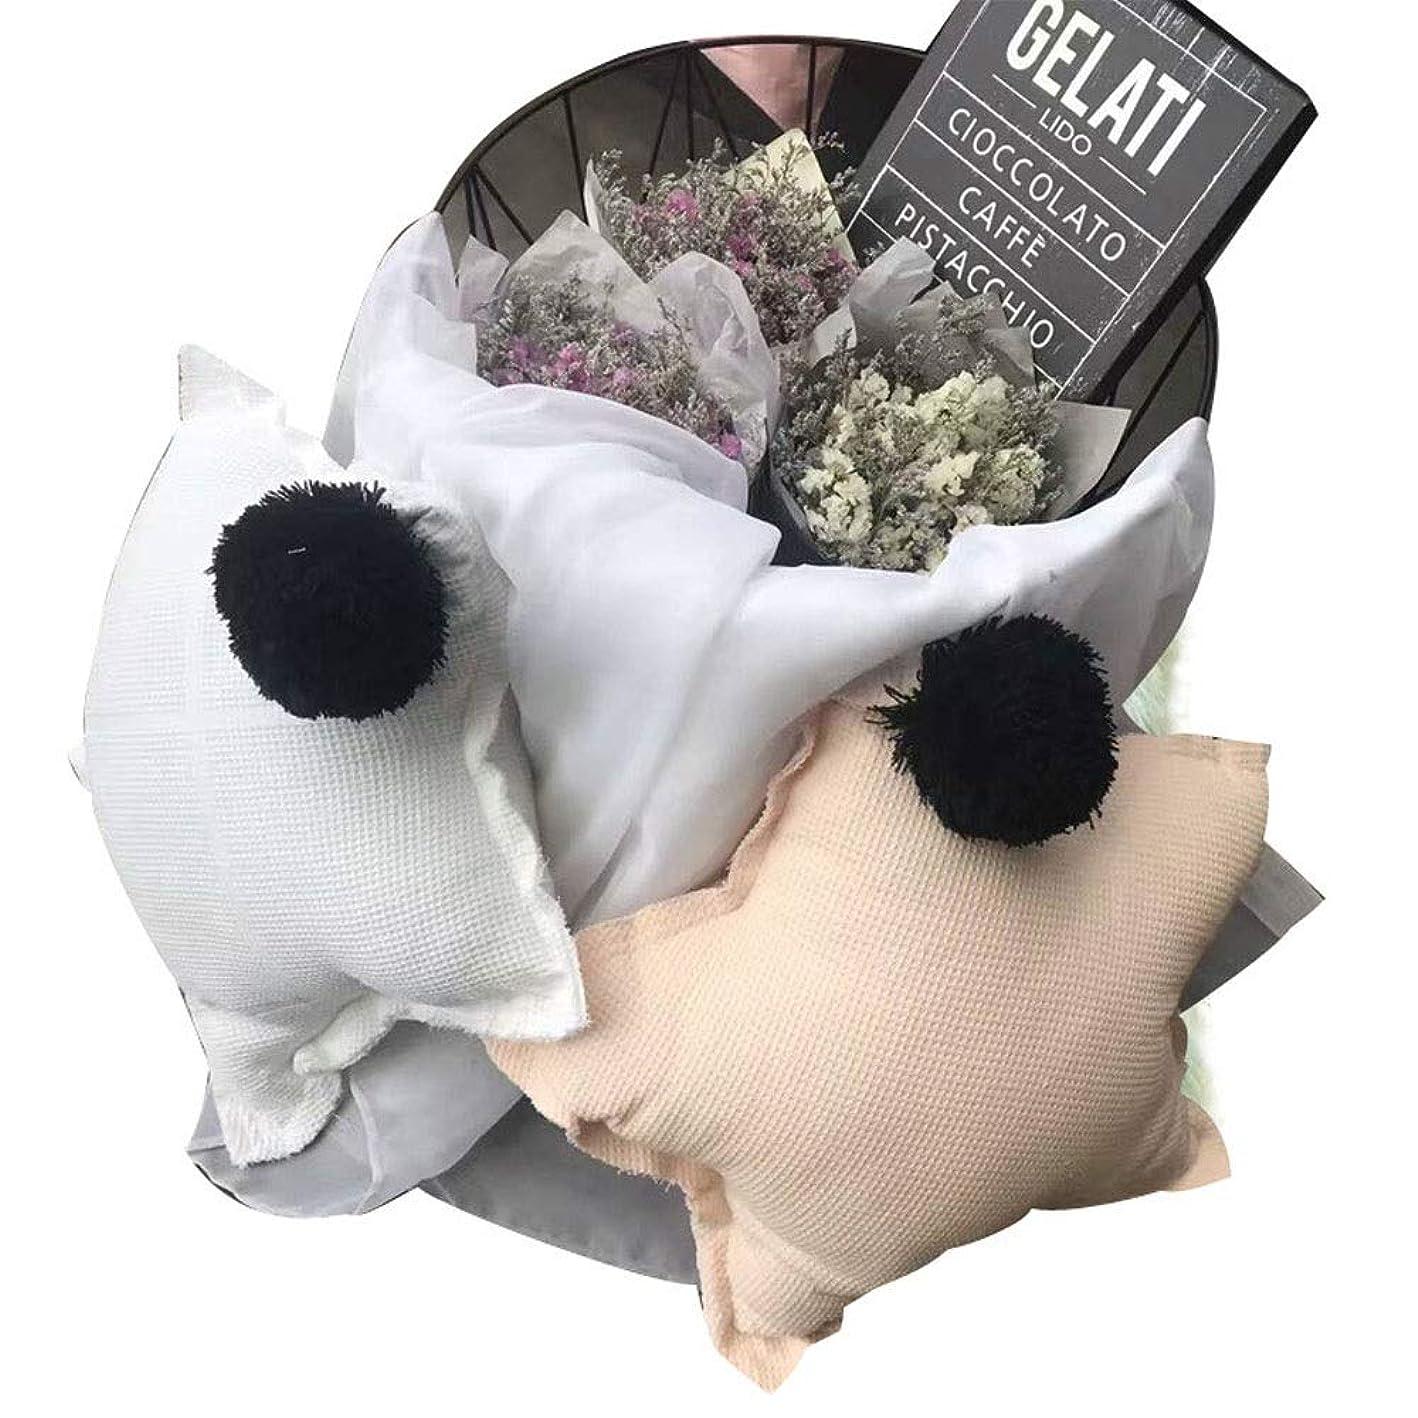 悪性の一部マイナス枕 北欧INS超大型超美しい綿ワッフル星脂肪星髪ボール枕枕裏部屋の装飾 (色 : ピンク, Size : 50*50cm)